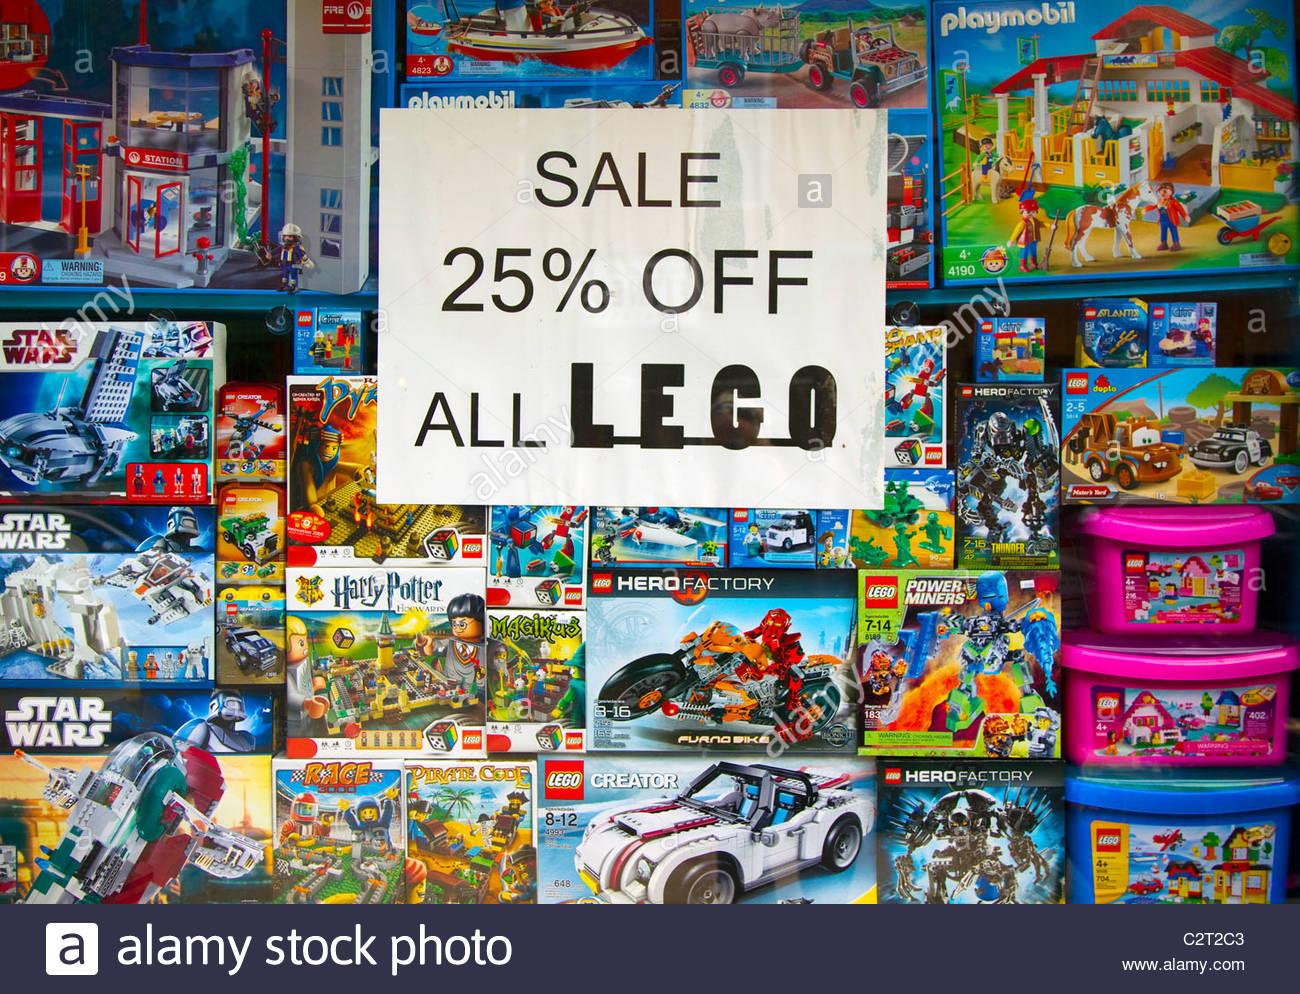 Giải quyết khó khăn trong quản lý hàng hóa khi kinh doanh đồ chơi trẻ em